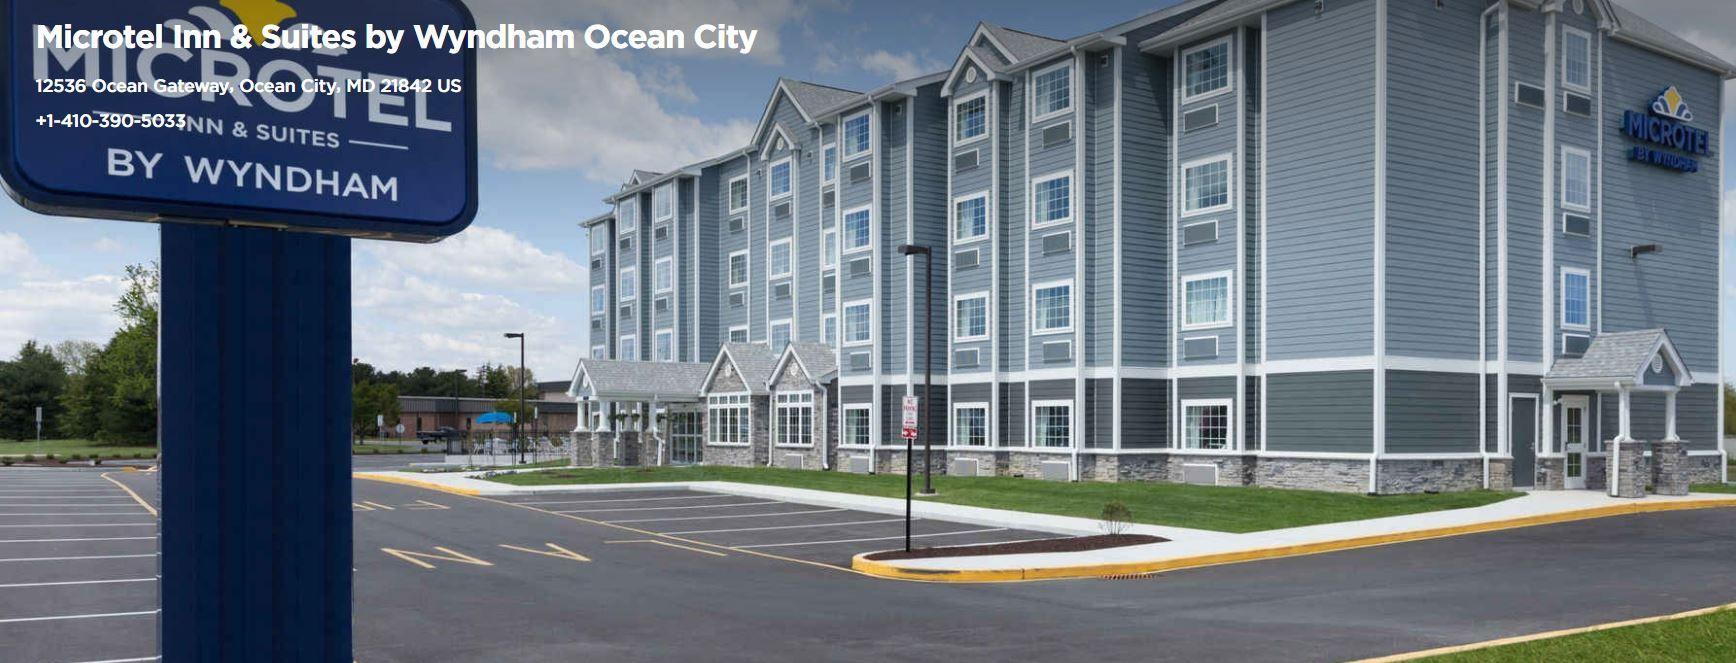 Microtel Inn & Suites by Wyndham Ocean City Ocean city